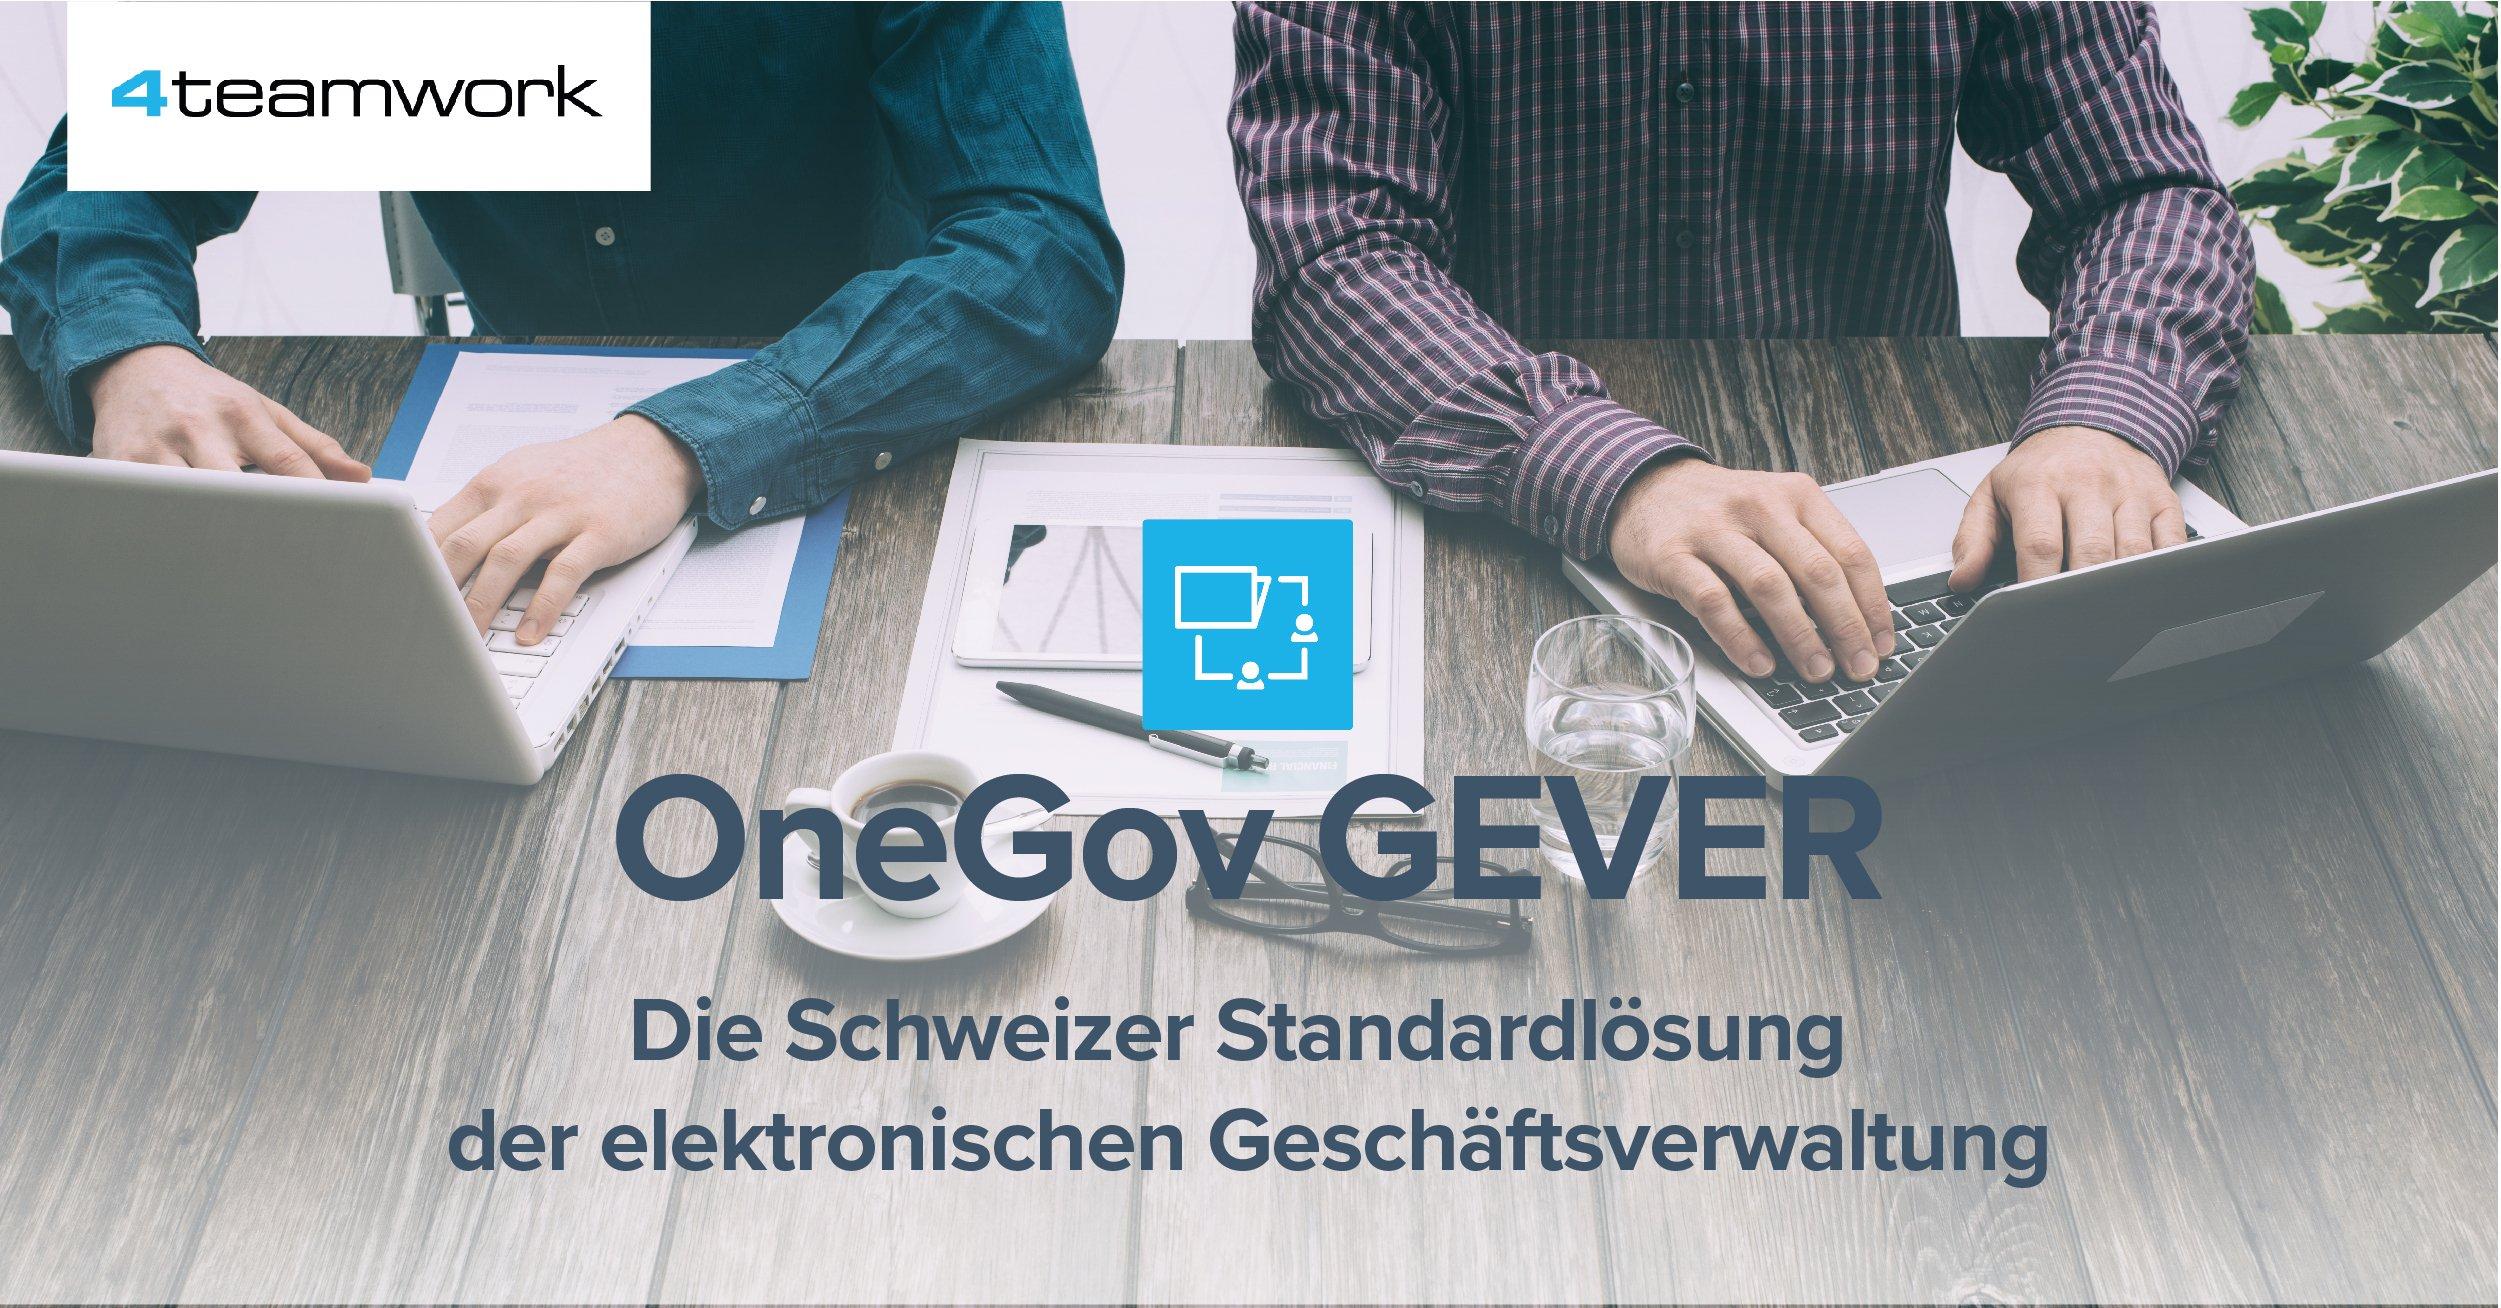 4teamwork_OneGovGEVER